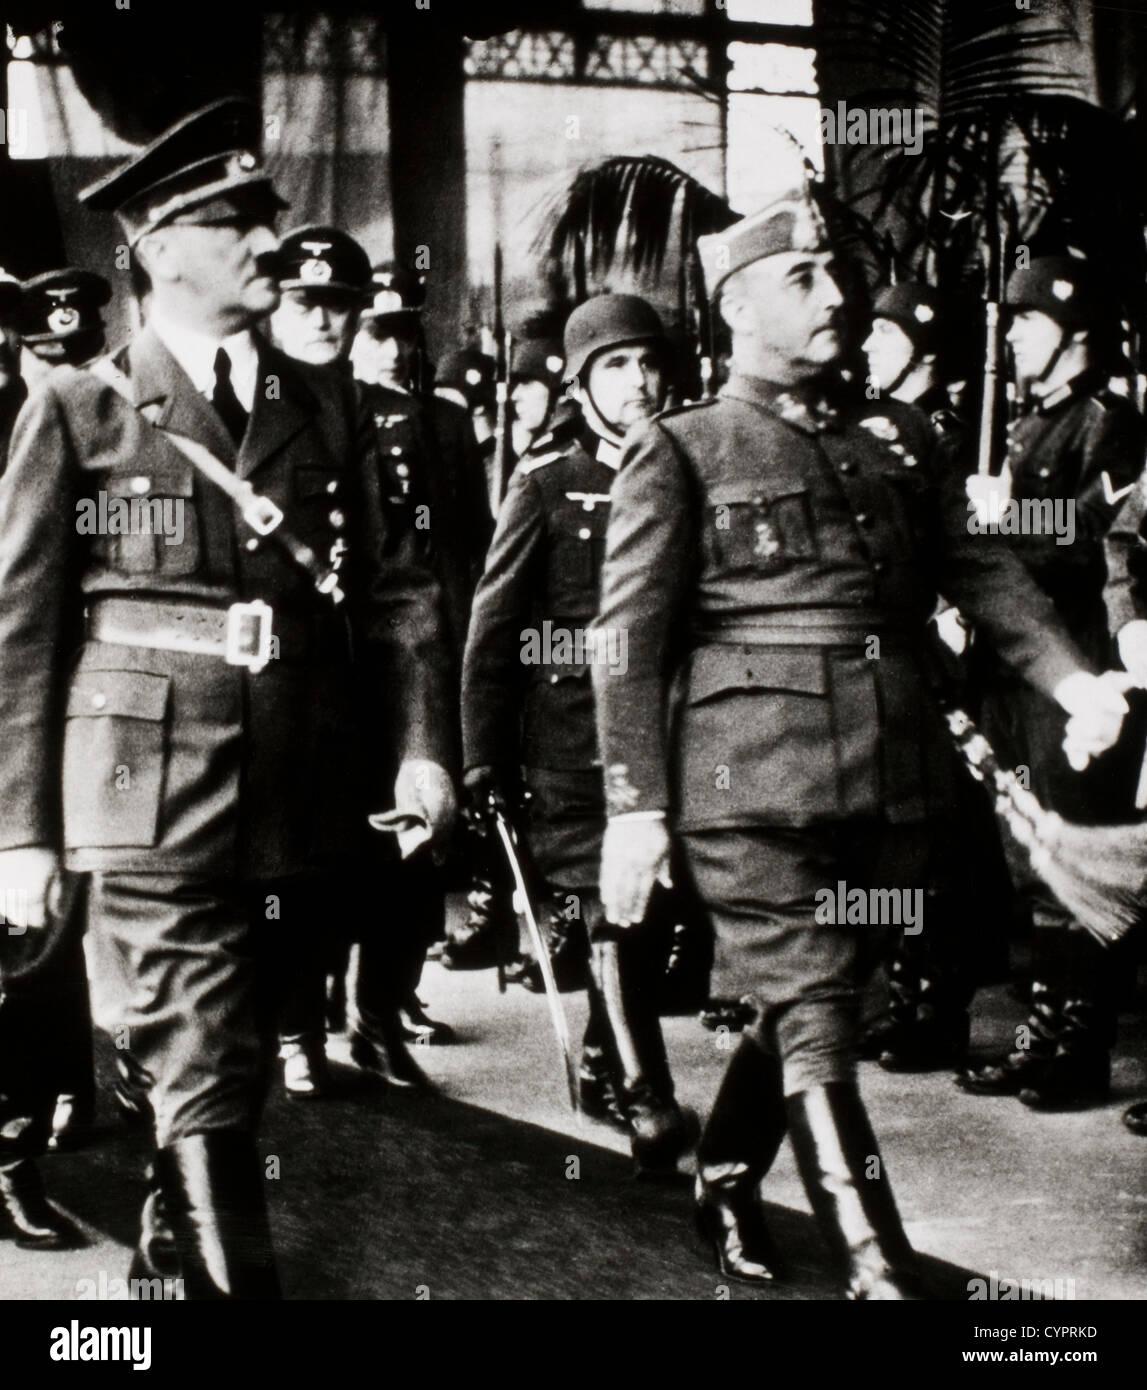 Adolf Hitler e Francisco Franco osservando le truppe, Hendaye, Francia, ottobre 23, 1940 Immagini Stock